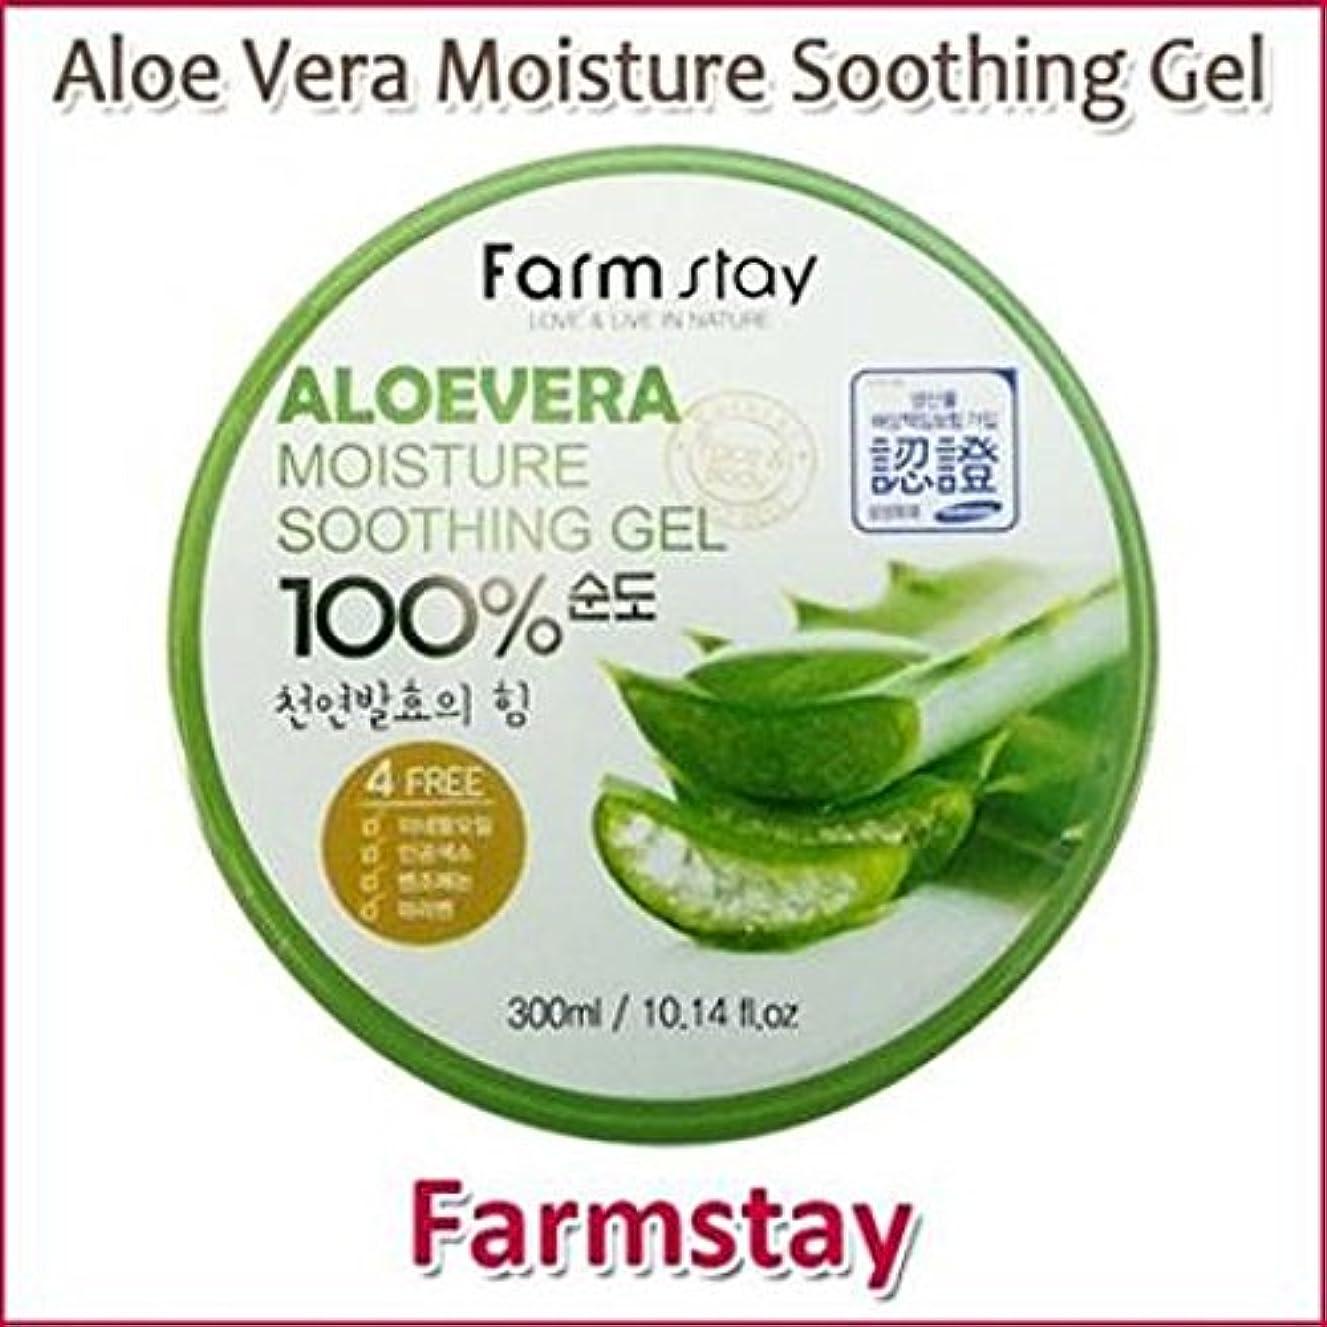 農場サーフィン盗賊Farm Stay Aloe Vera Moisture Soothing Gel 300ml /オーガニック アロエベラゲル 100%/保湿ケア/韓国コスメ/Aloe Vera 100% /Moisturizing [...